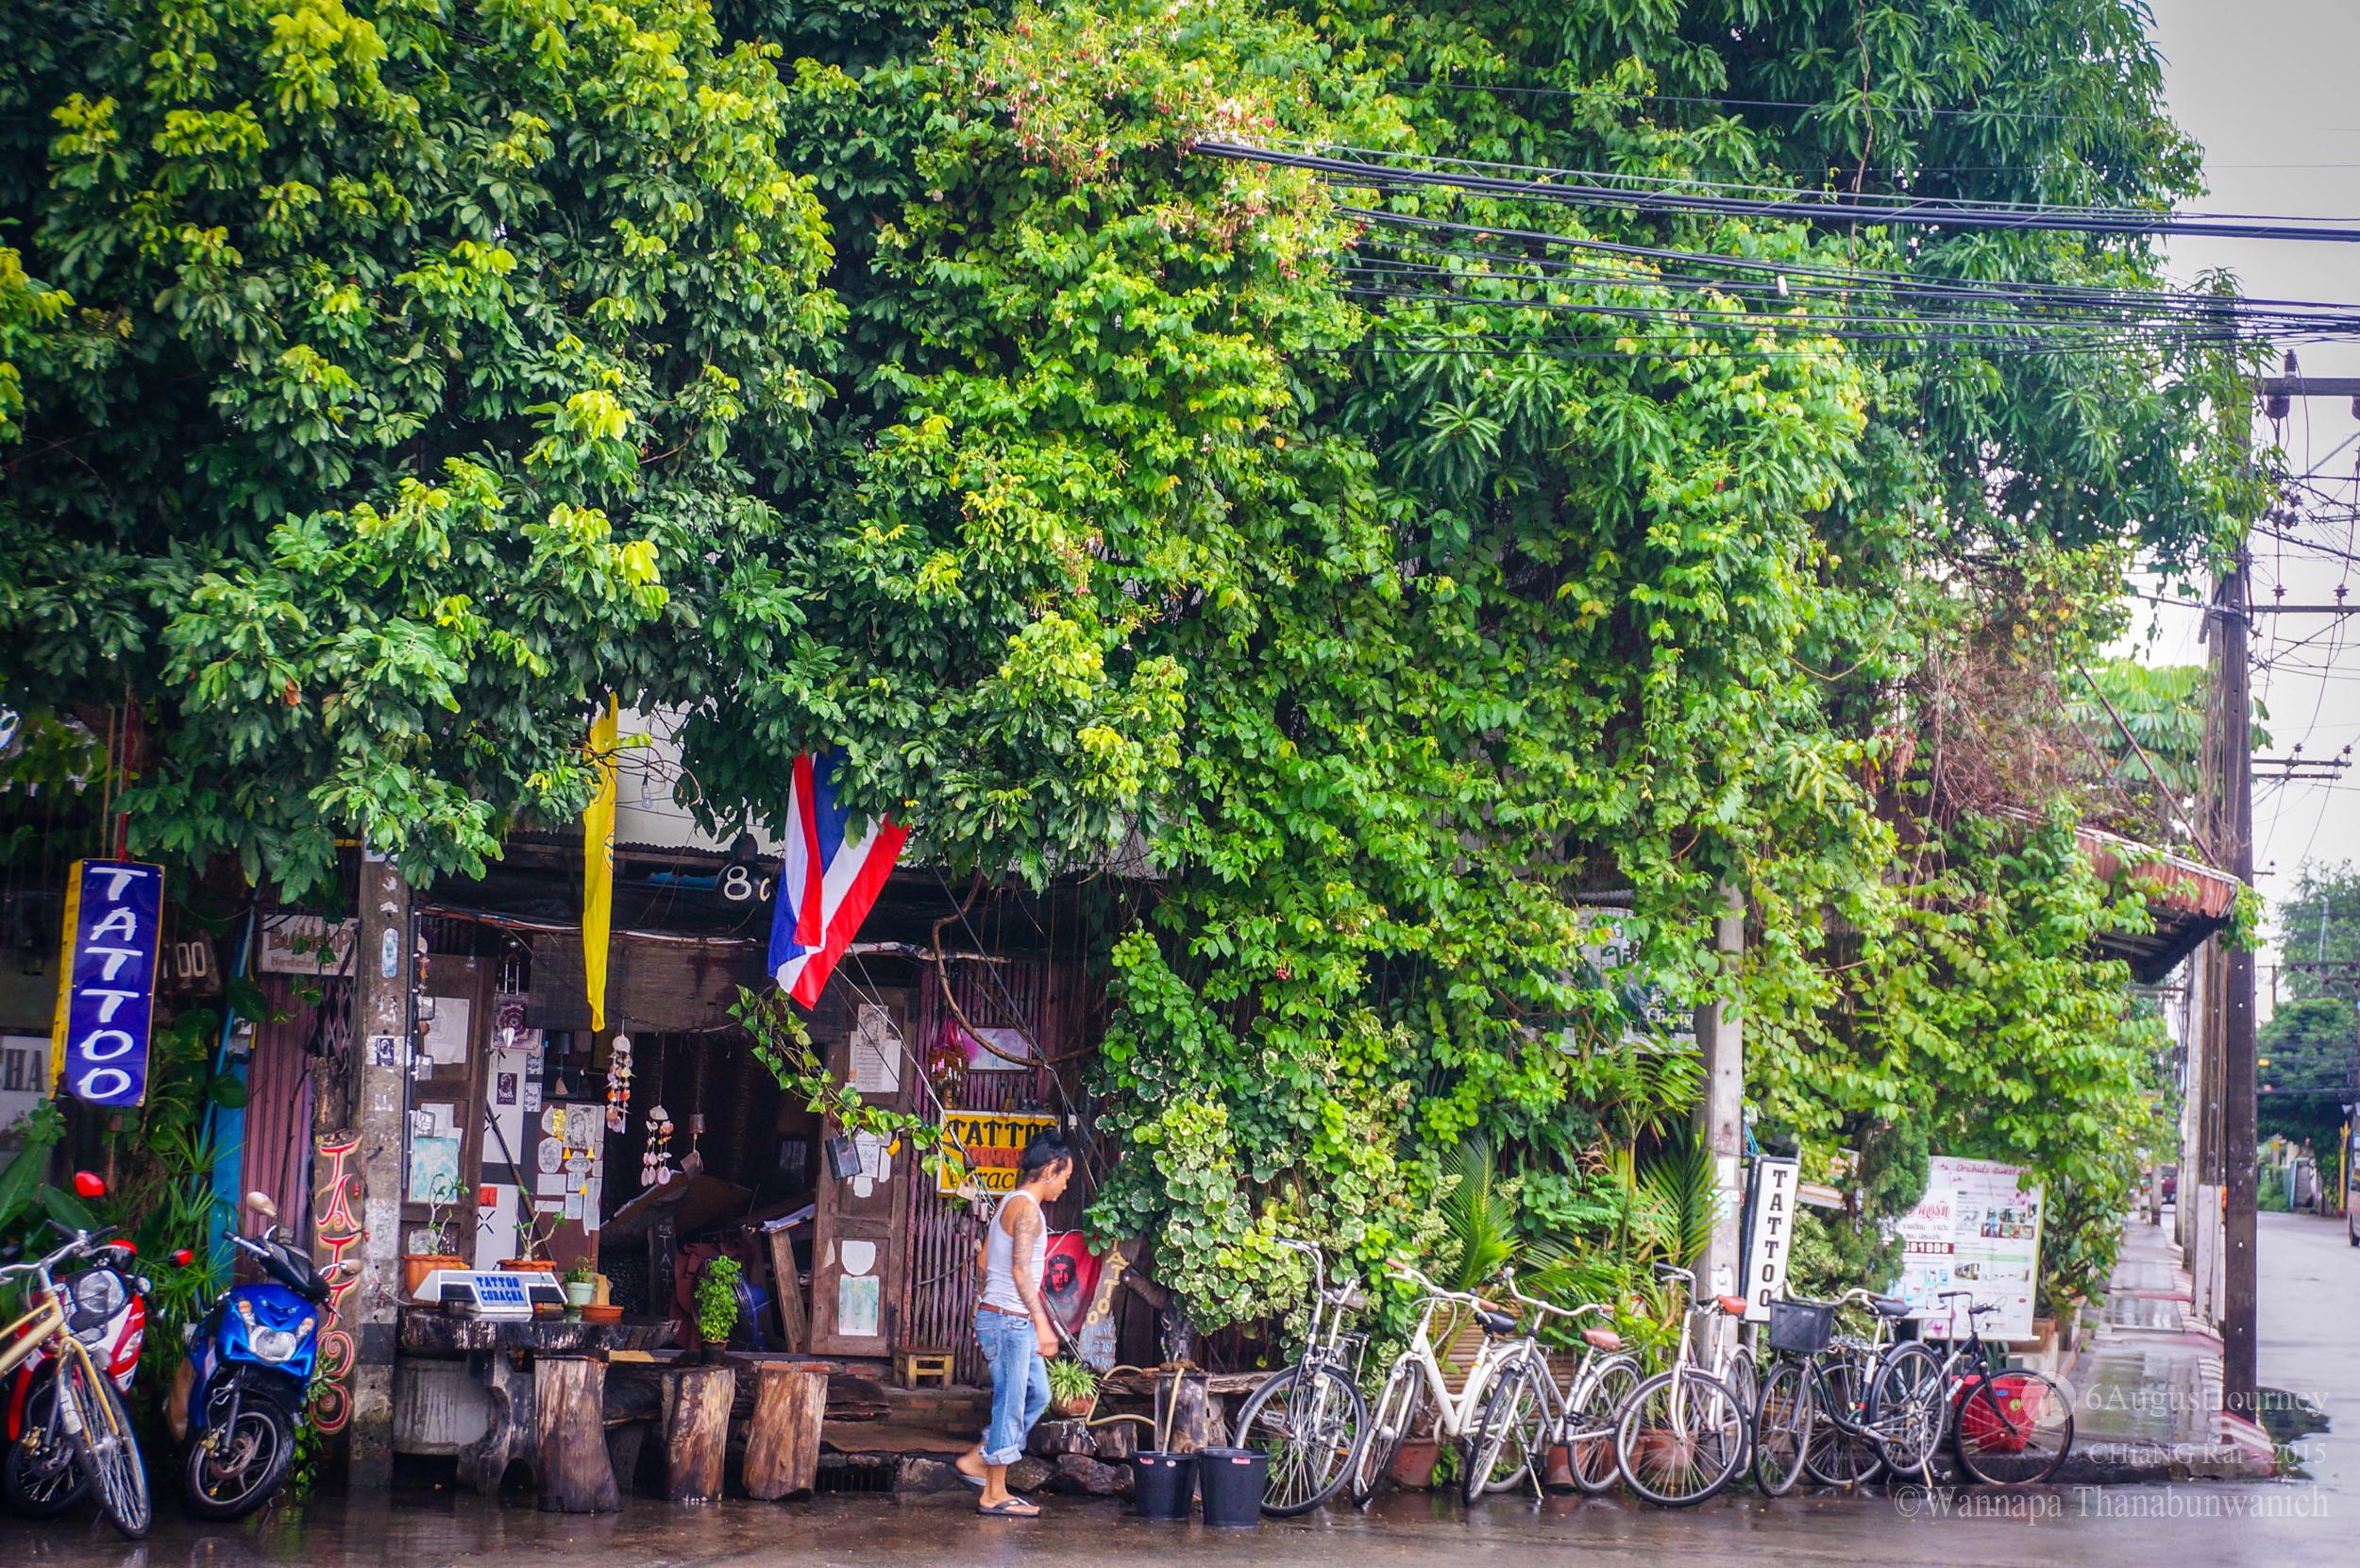 ปั่นจักรยานเที่ยวเมืองเชียงราย